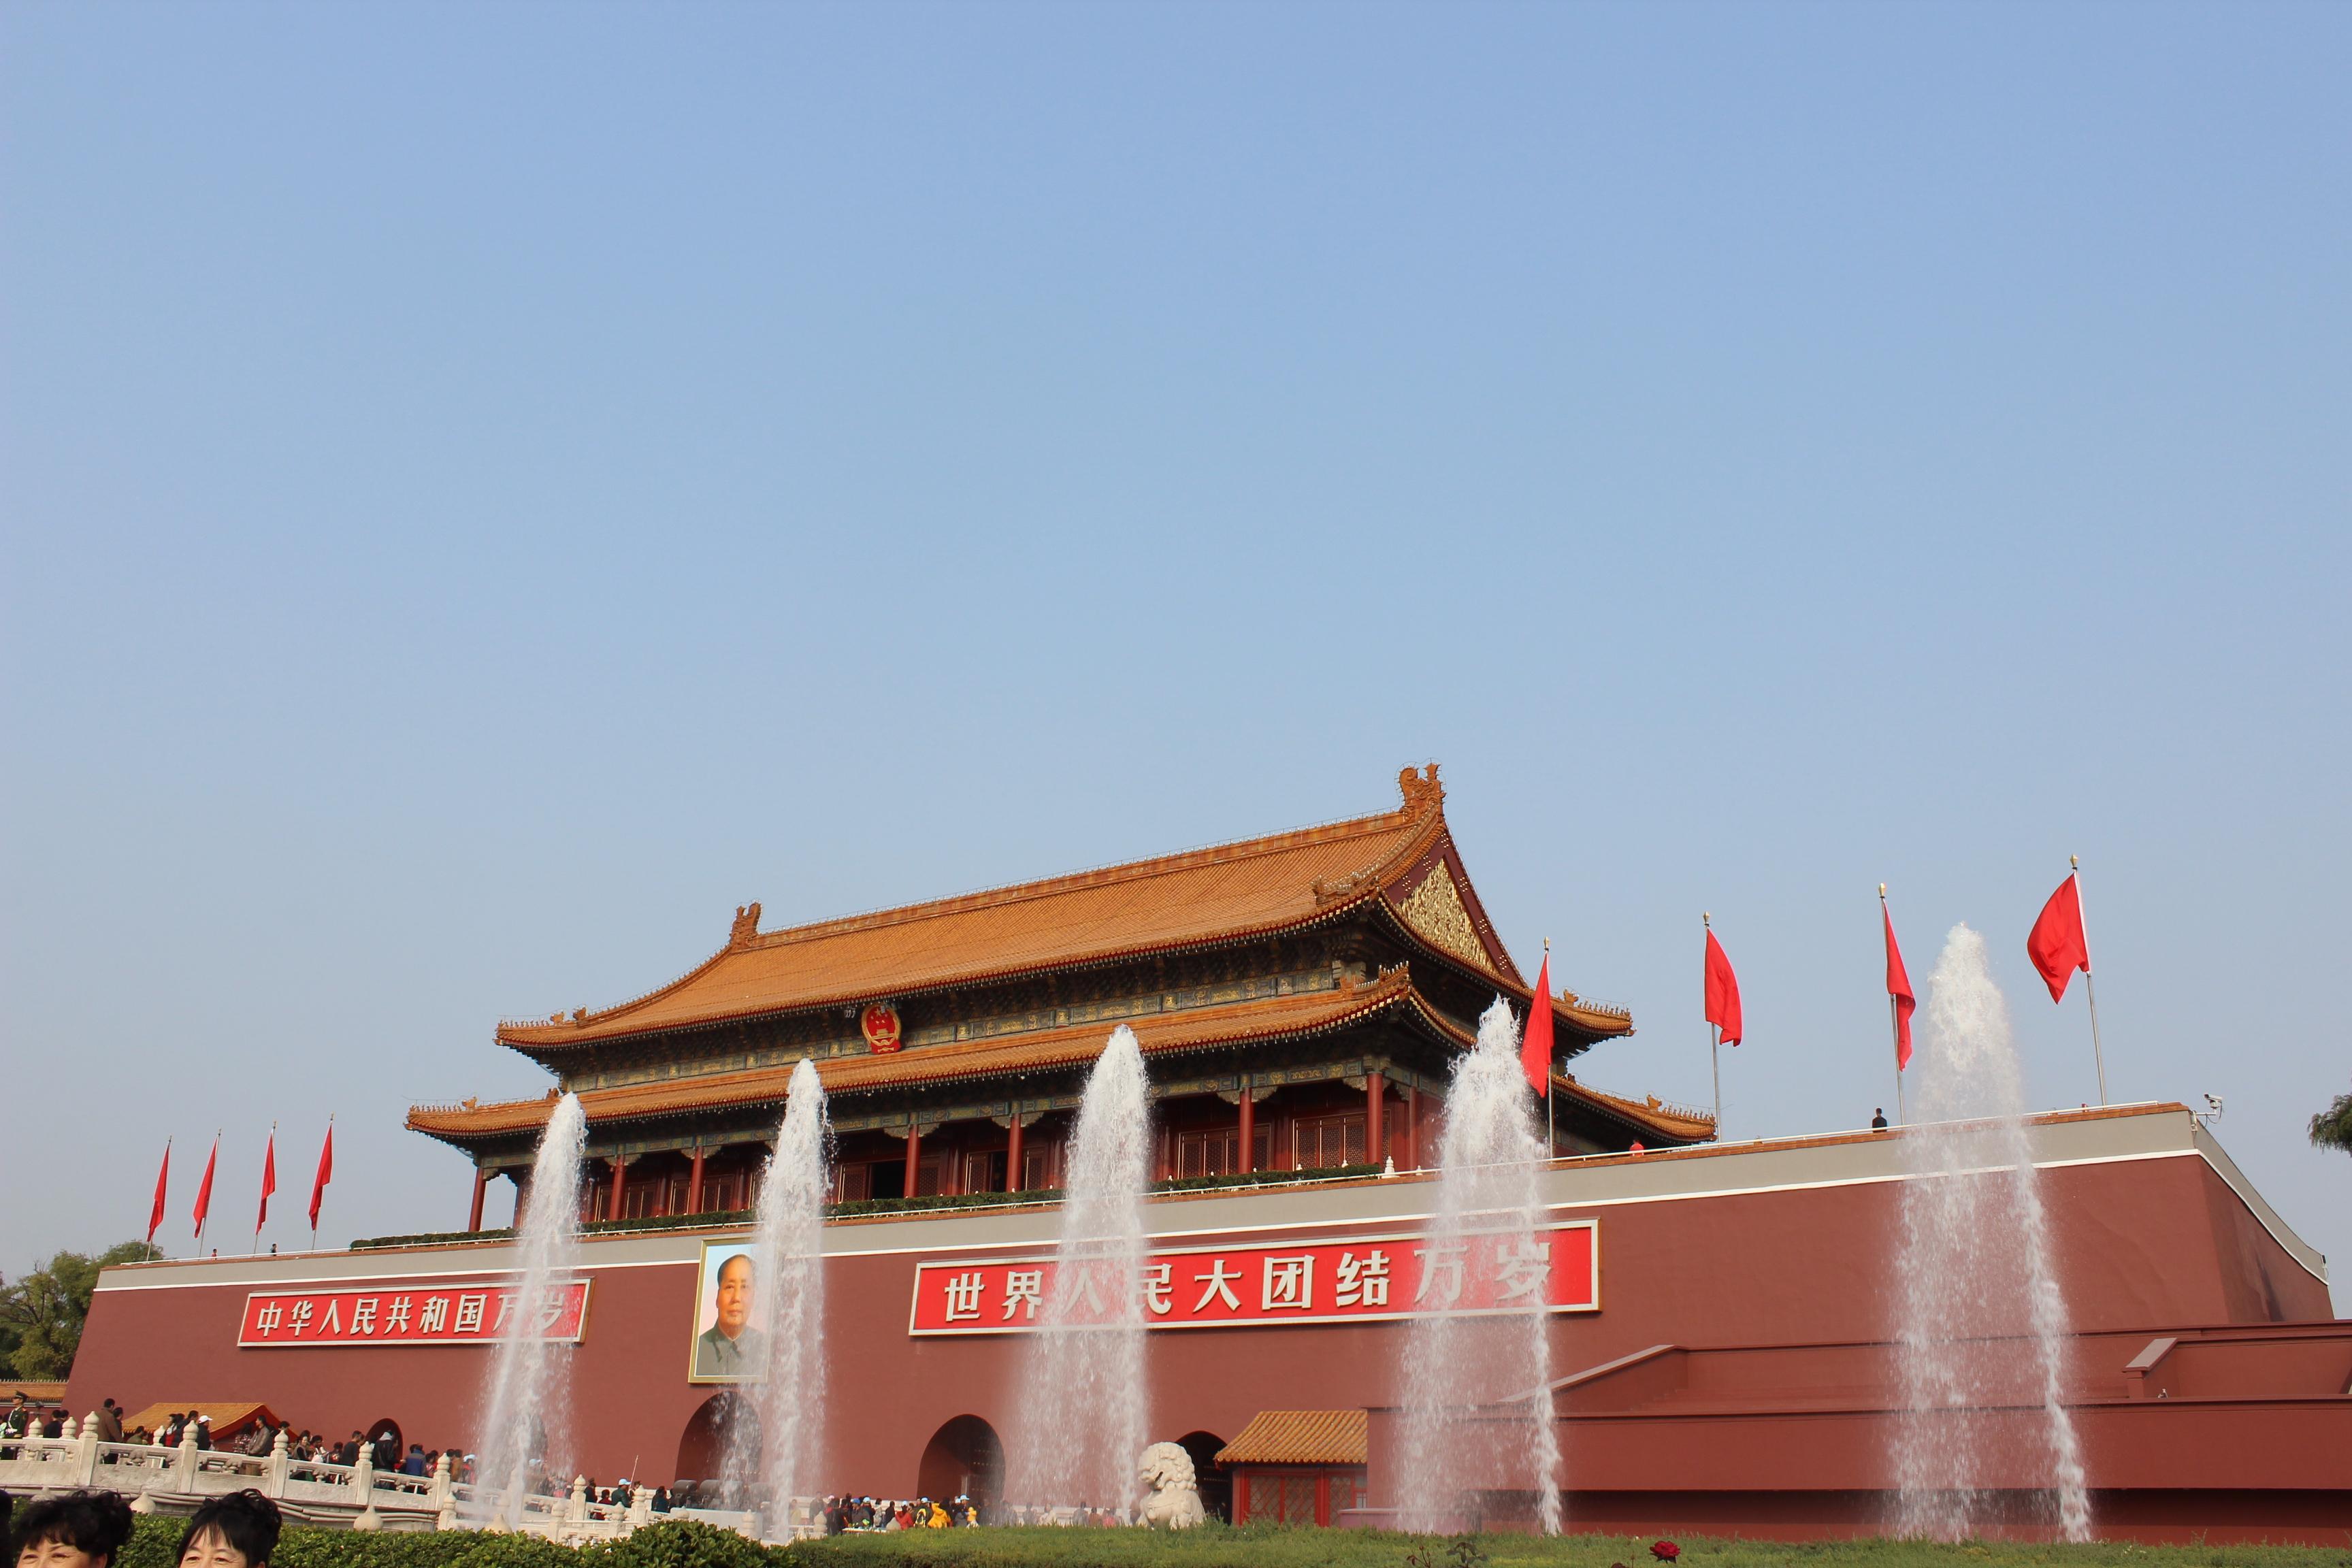 【携程攻略】北京天安门广场适合朋友出游旅游吗